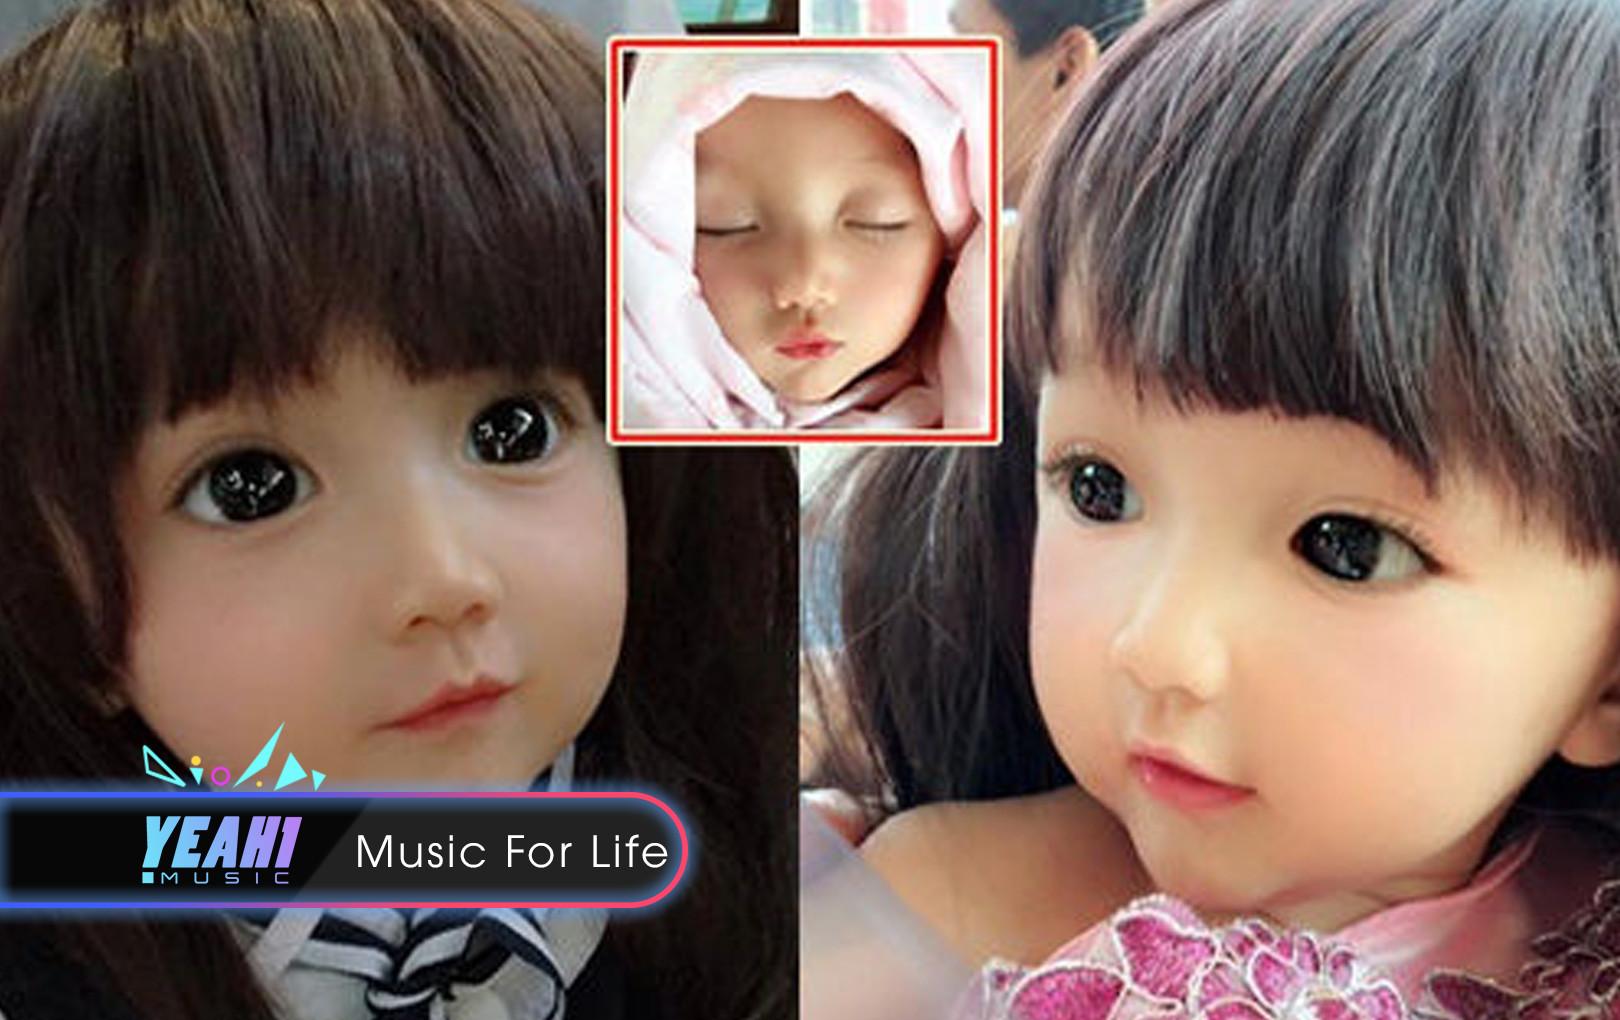 Bé gái sinh ra đã giống hệt búp bê Barbie, mẹ thế này bảo sao con lại đẹp đến mê mẩn vậy!